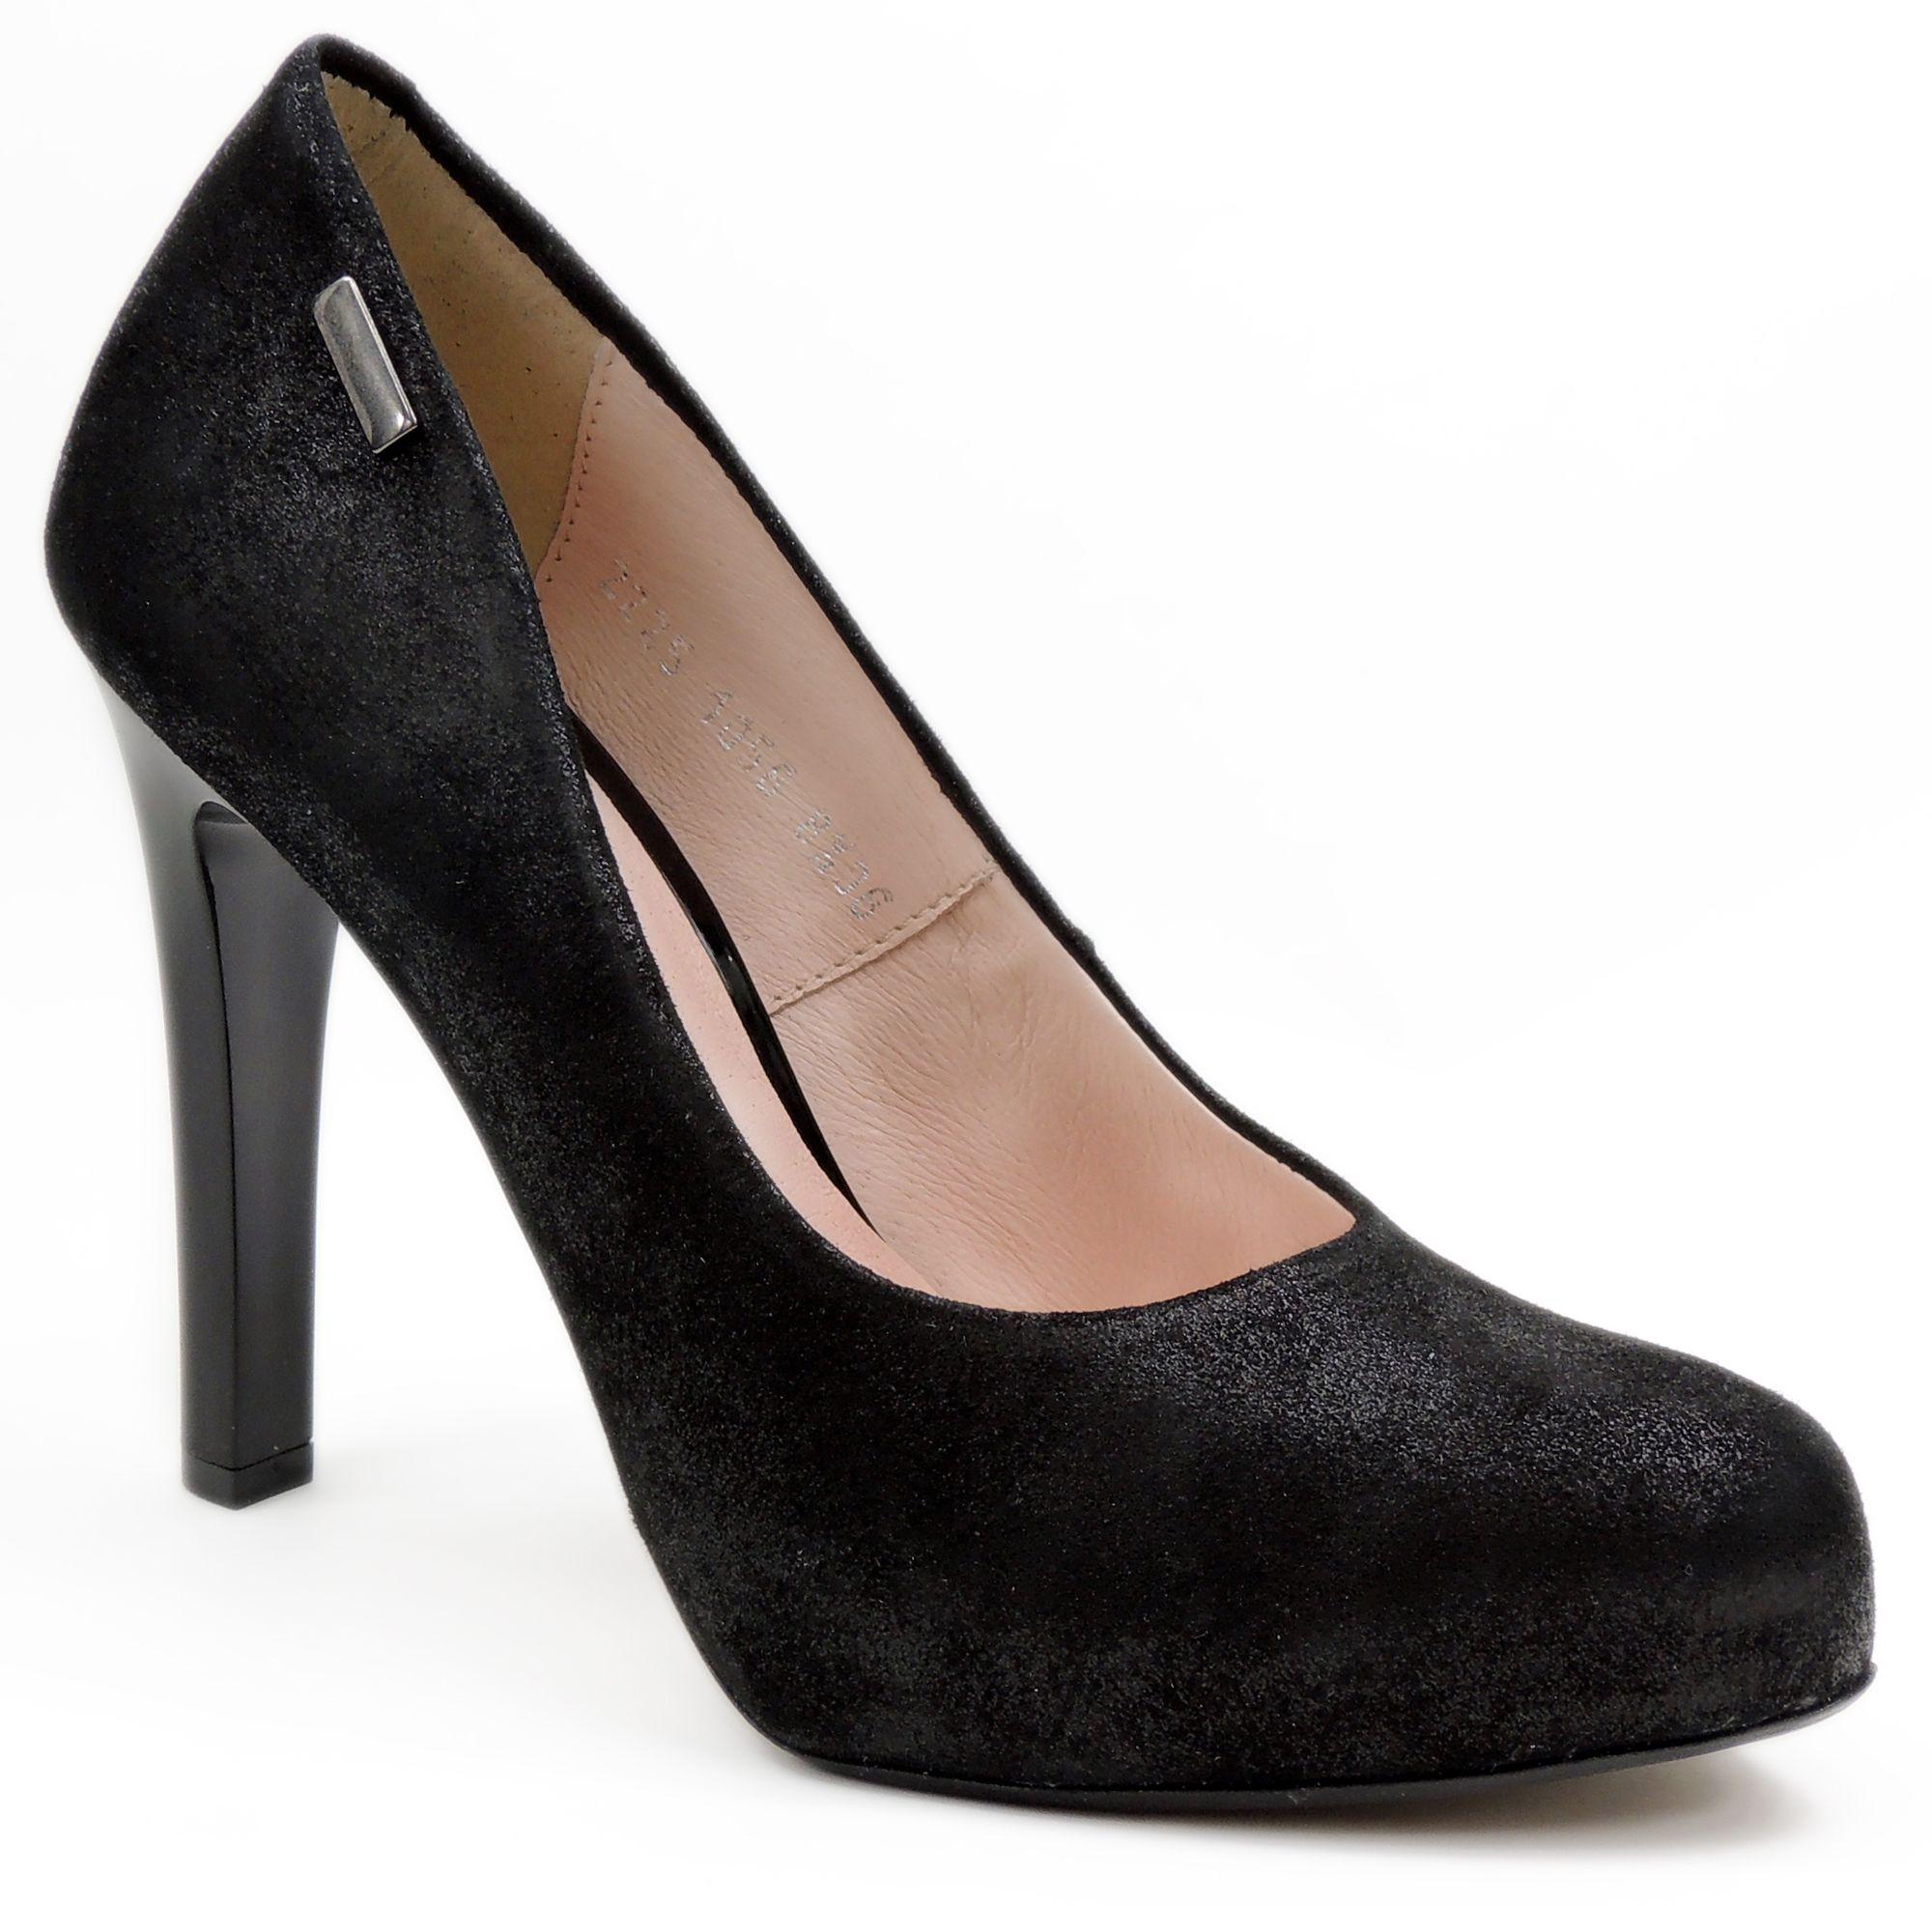 Czolenka 4260142d Wieczorowe Czolenka Heels Shoes Peep Toe